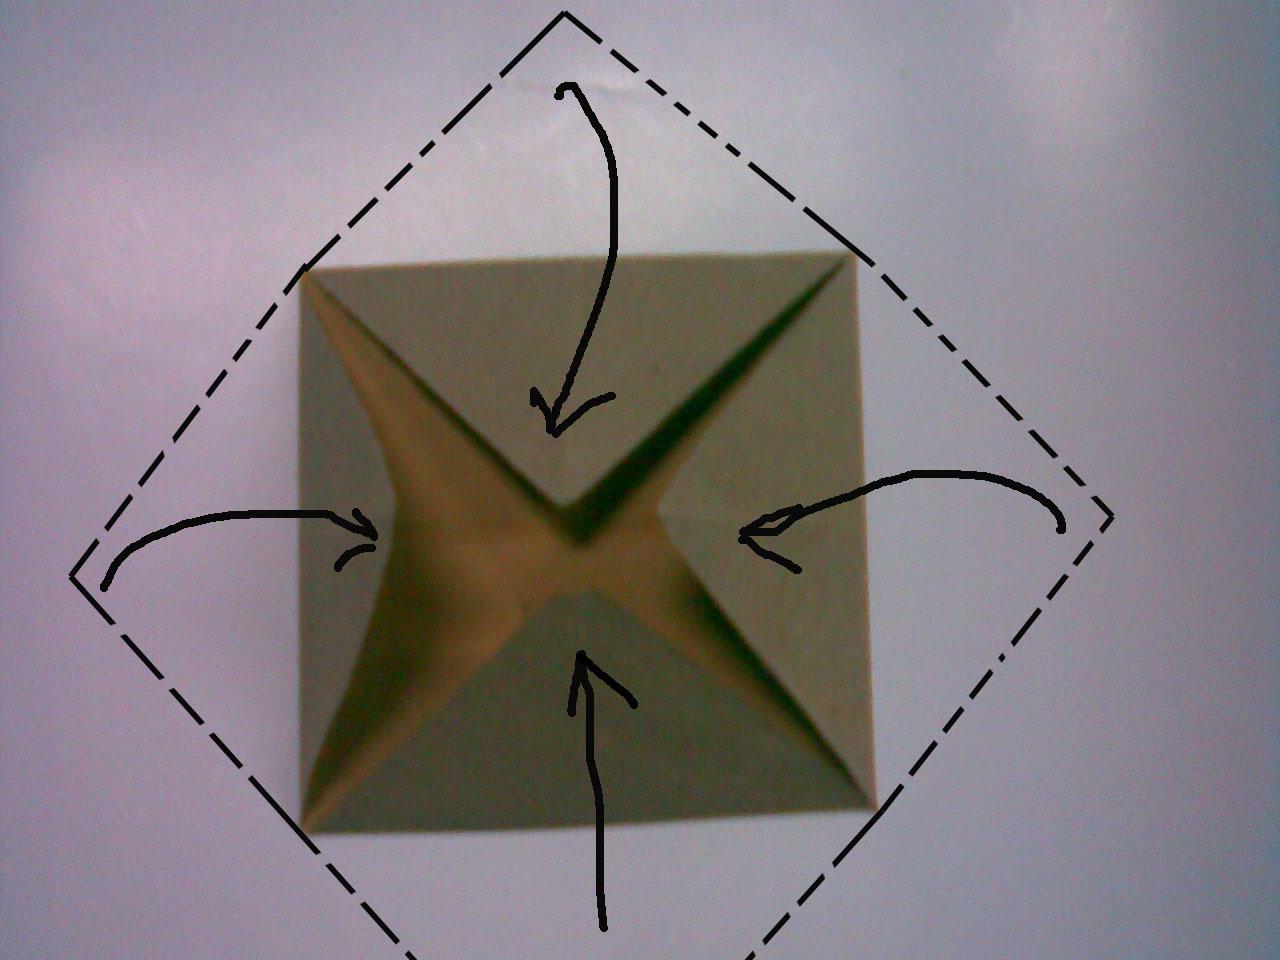 วิธีพับกล่องกระดาษน่ารักมีฝา  พับโอริกามิ โอริงามิ  folding paper origami box lid tutorial   kuinka taittaa paperi kukka kansi   hur man viker papper lock blomlåda  hoe papieren bloem deksel vouwen